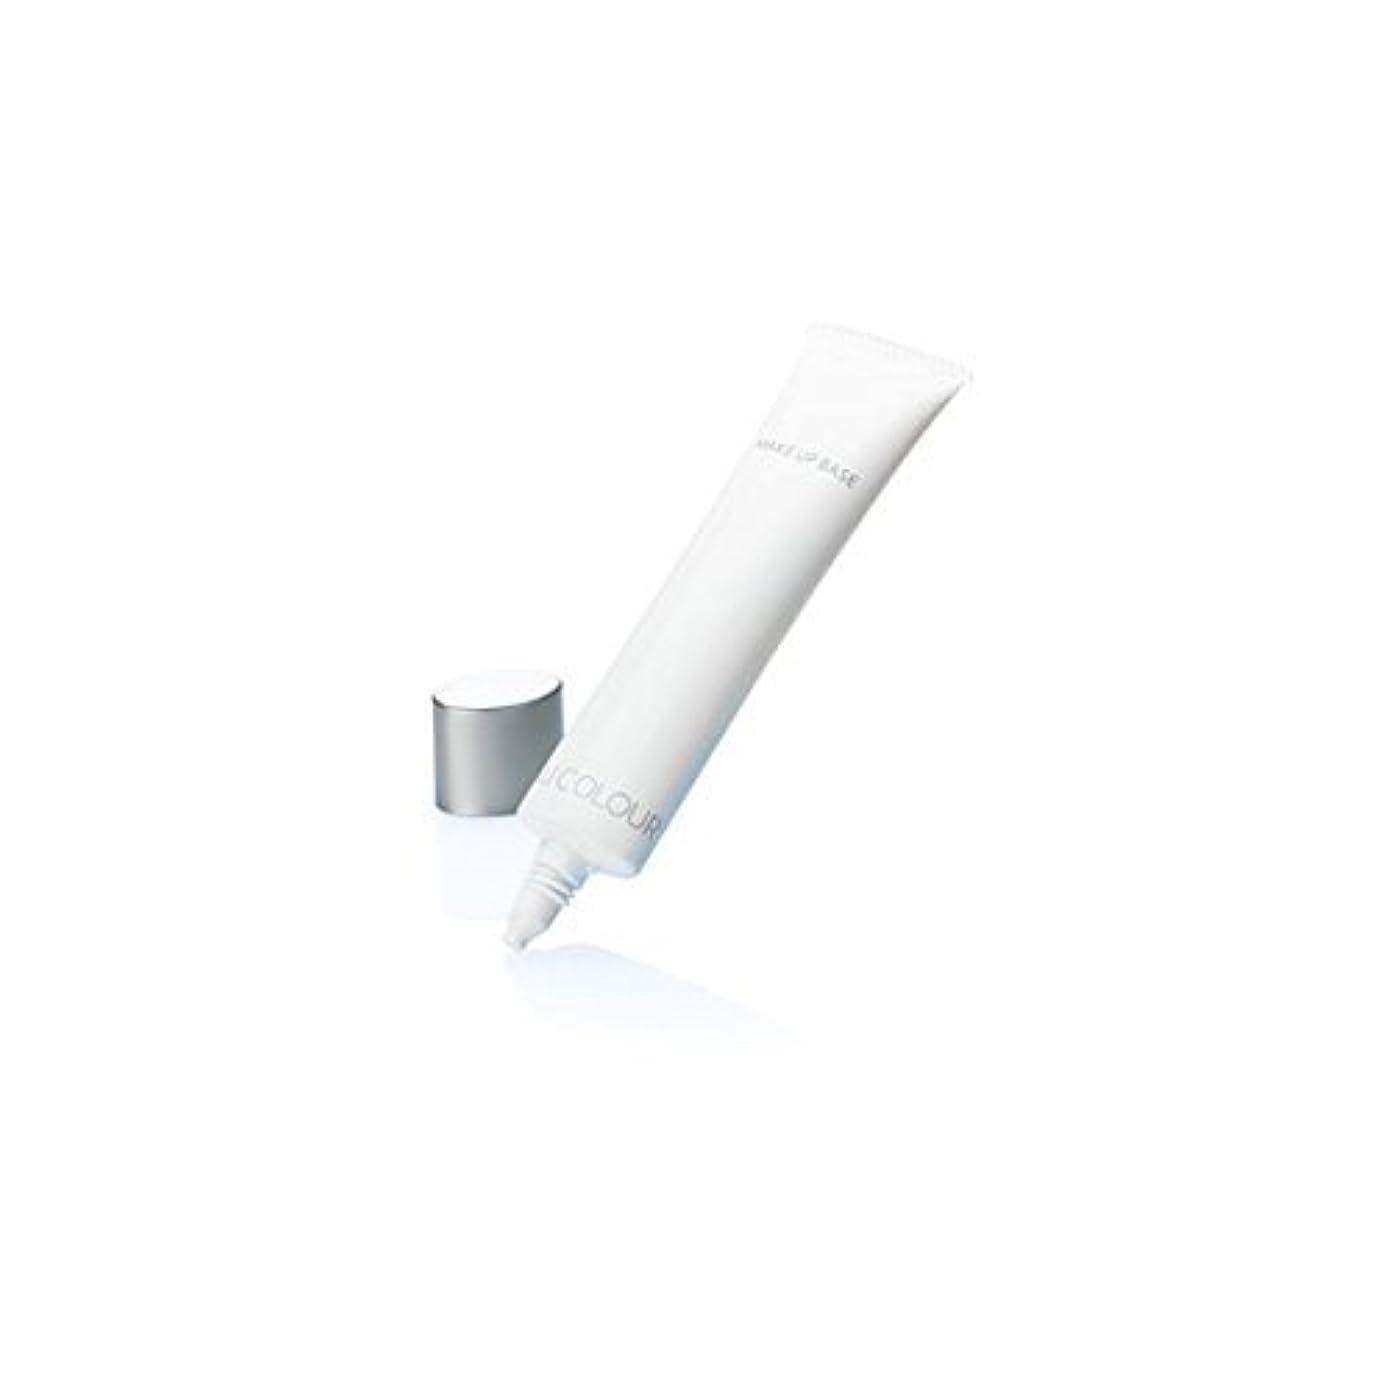 装置部族おもしろいニュースキン NU SKIN UV メイクアップ ベース SPF18?PA++ クリア 03160813